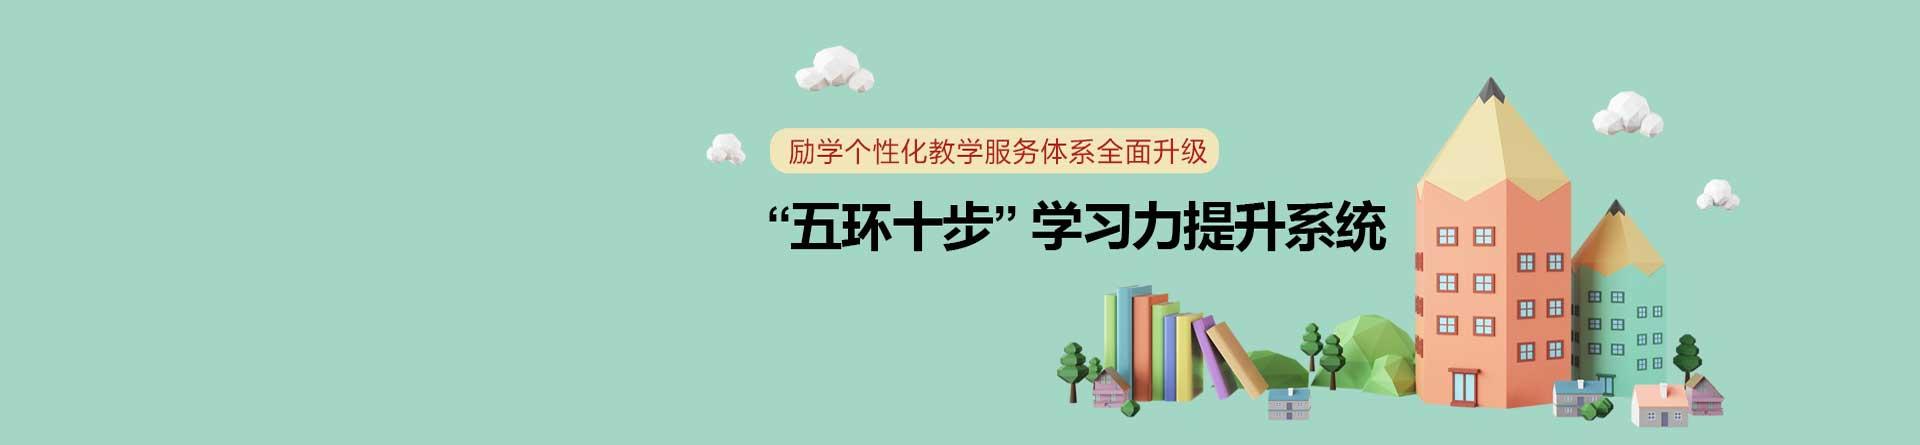 郑州励学教育